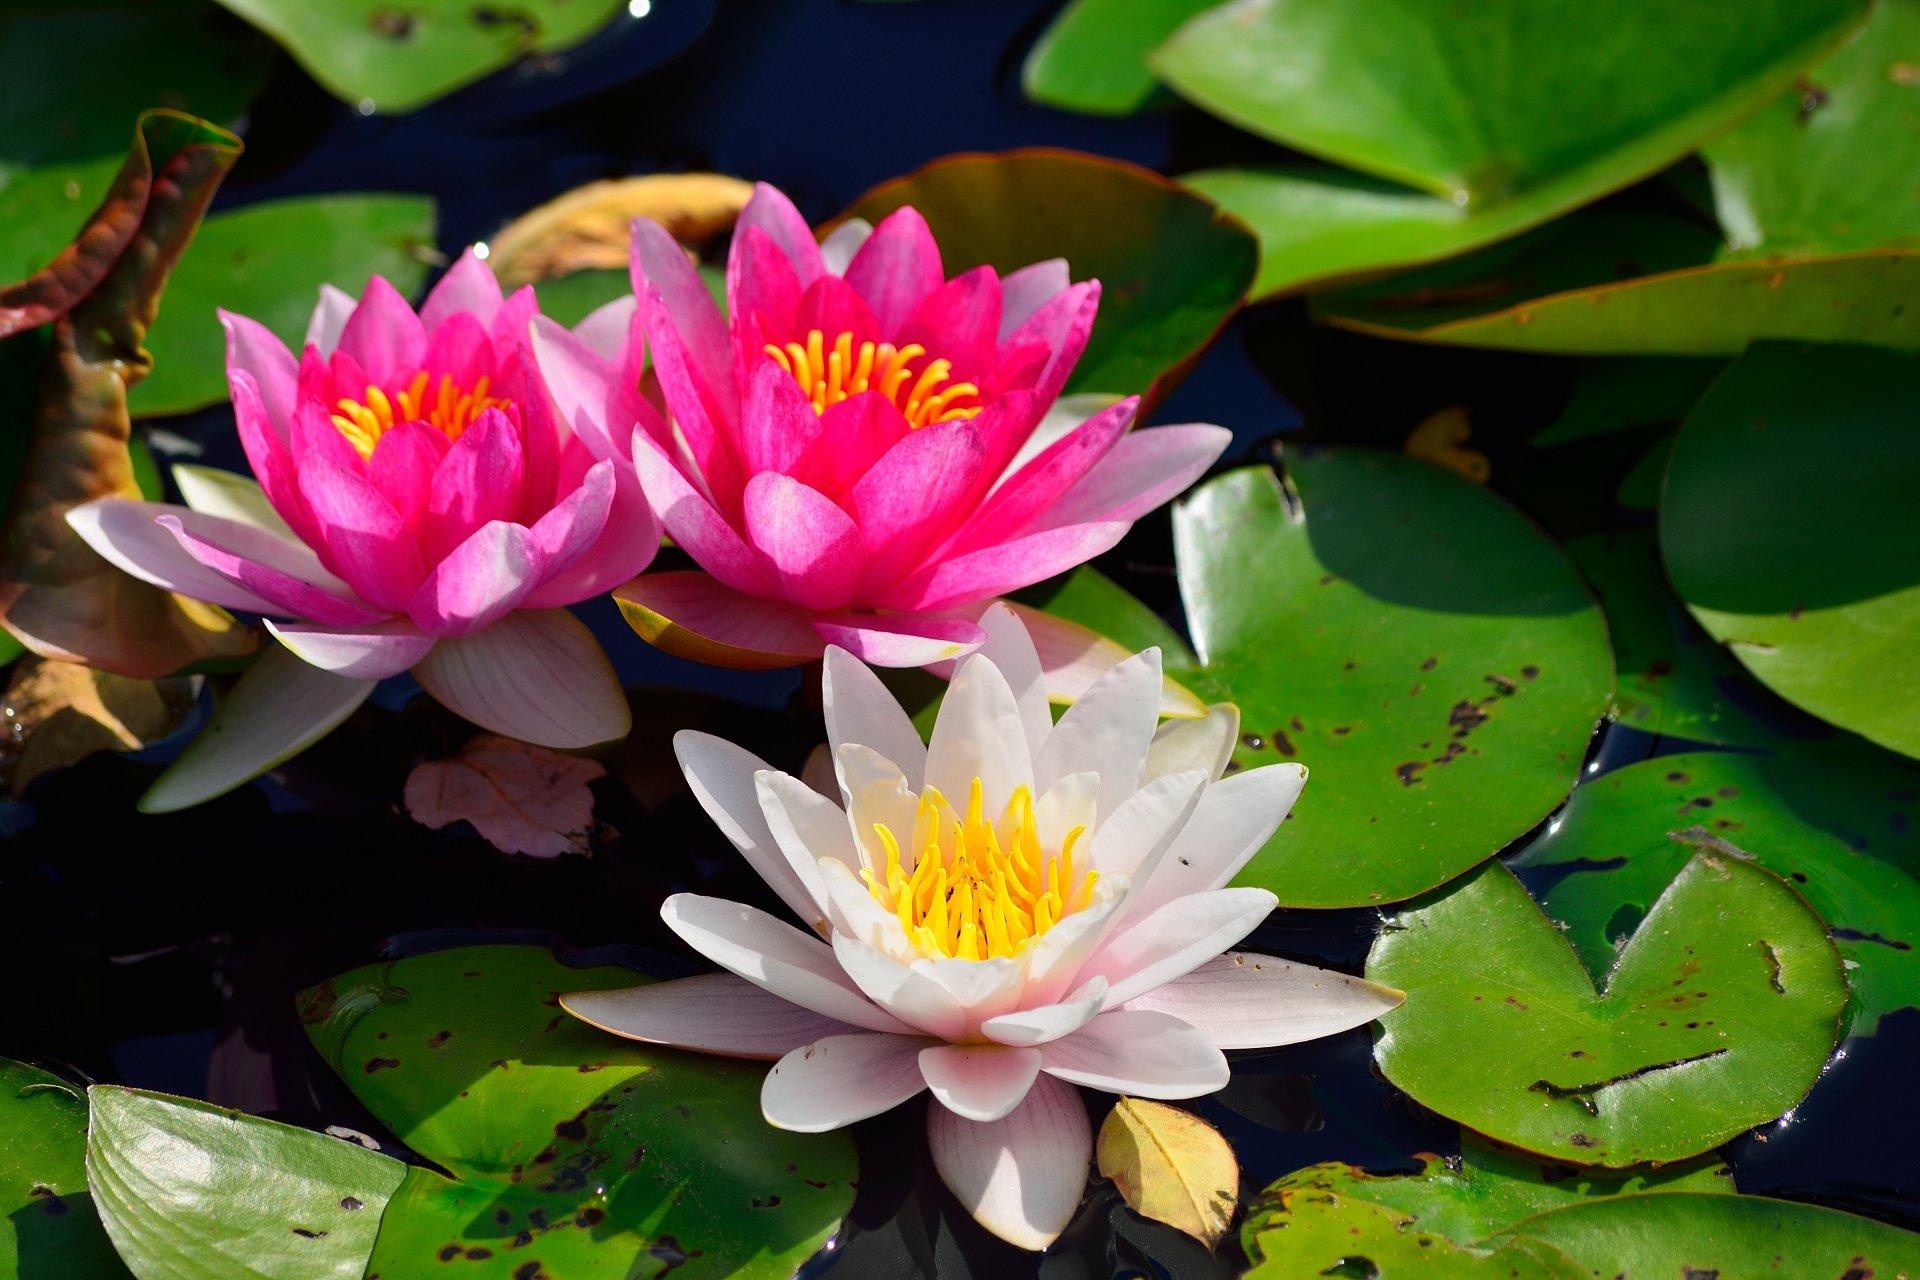 картинки для рабочего стола цветы кувшинки будет подкладывать тебе